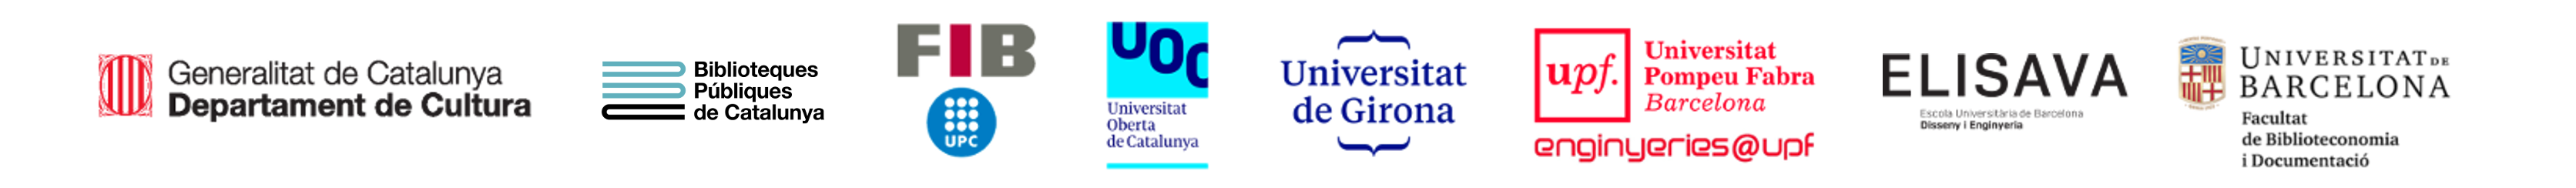 logo totes les entitats participants